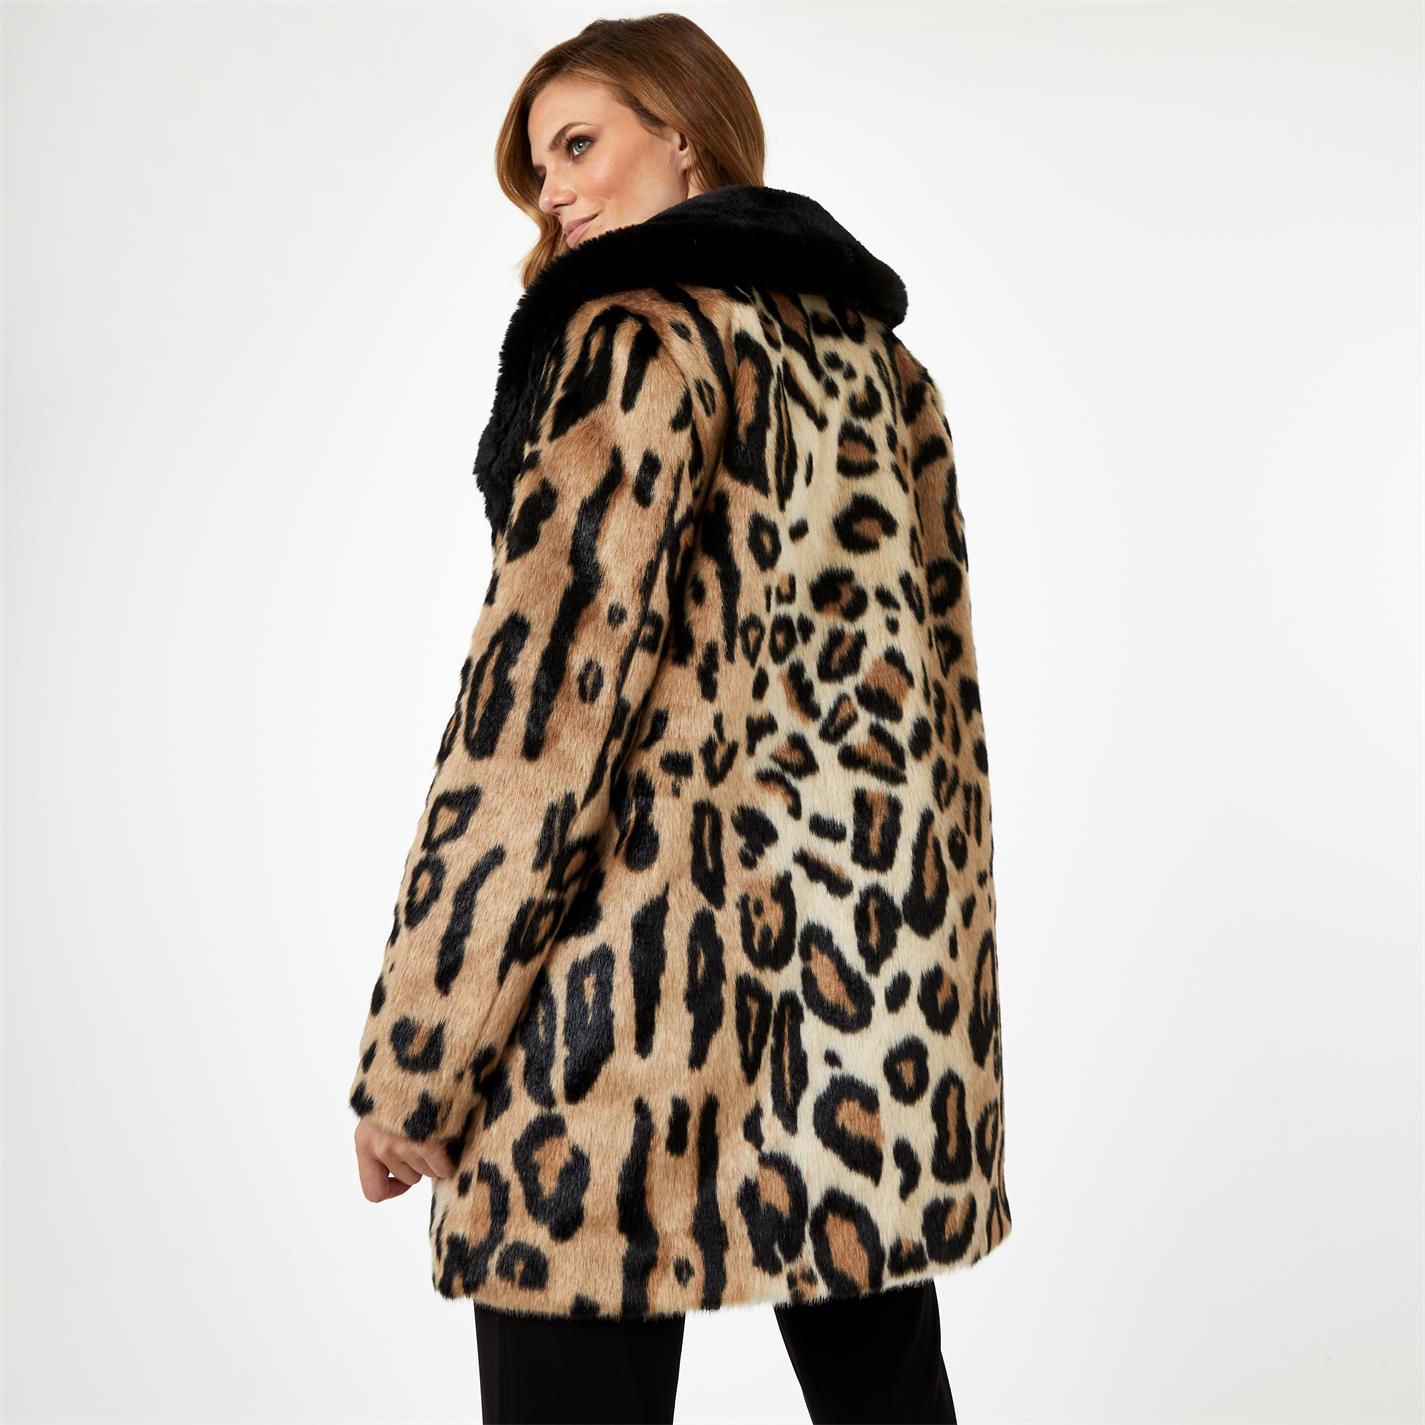 Geaca Biba BIBA x Tess Daly Leopard Print